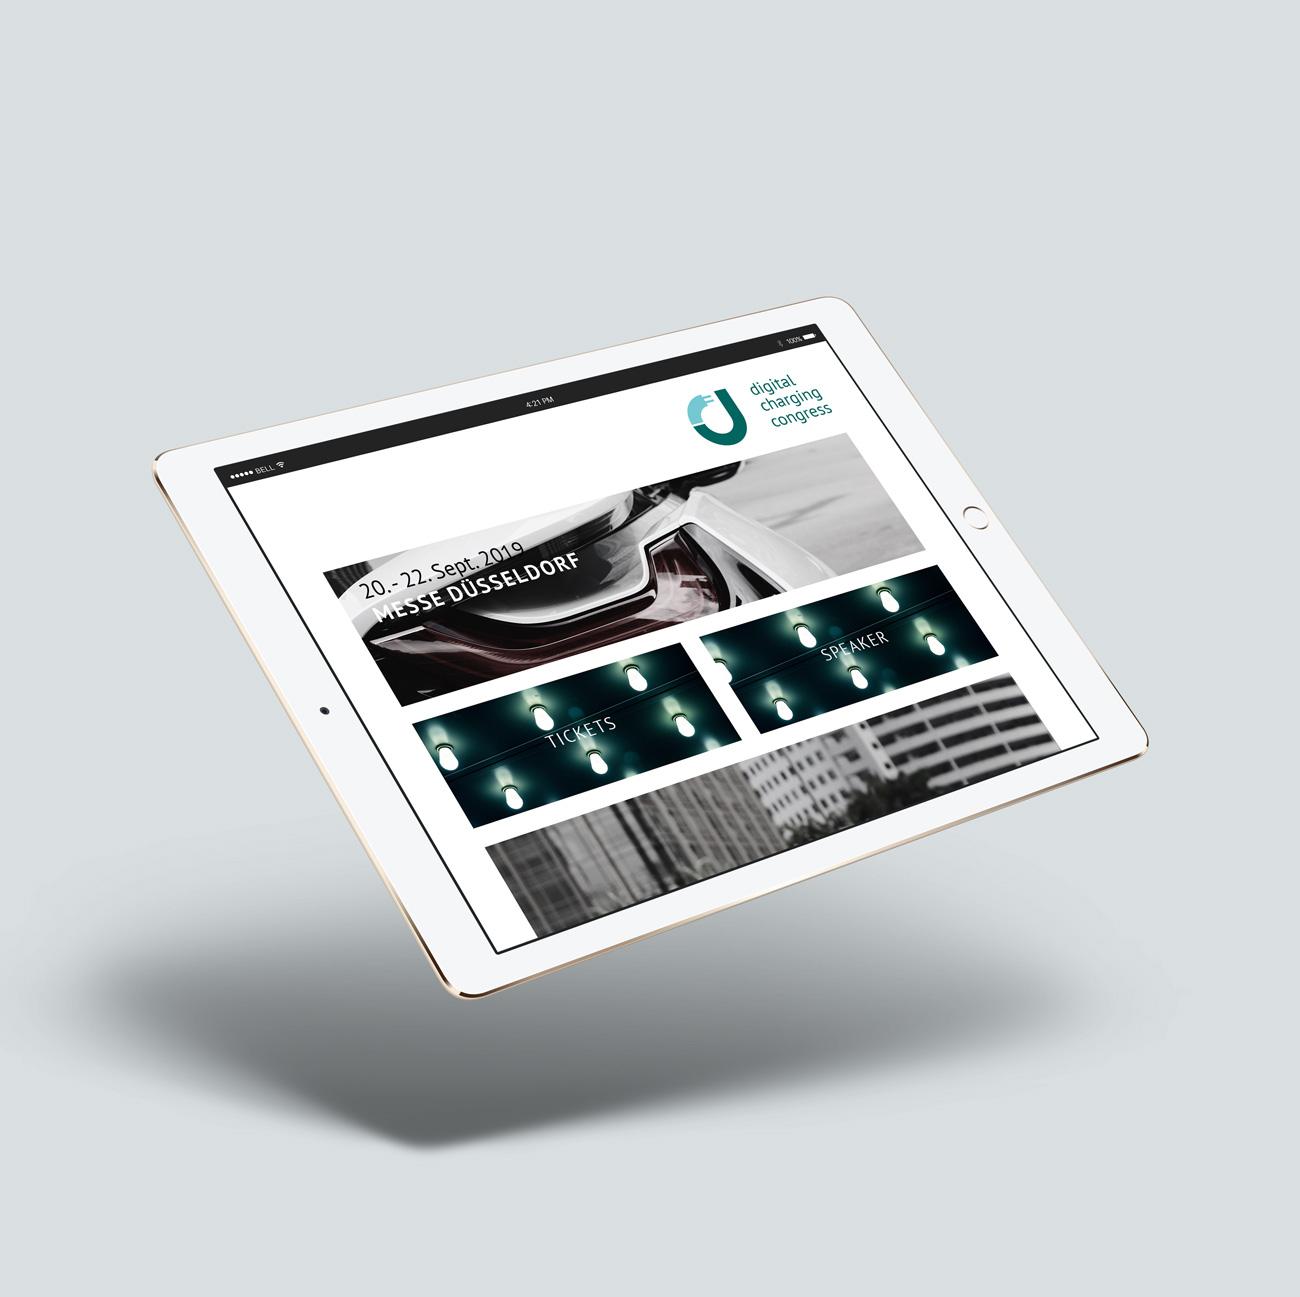 dcs_website